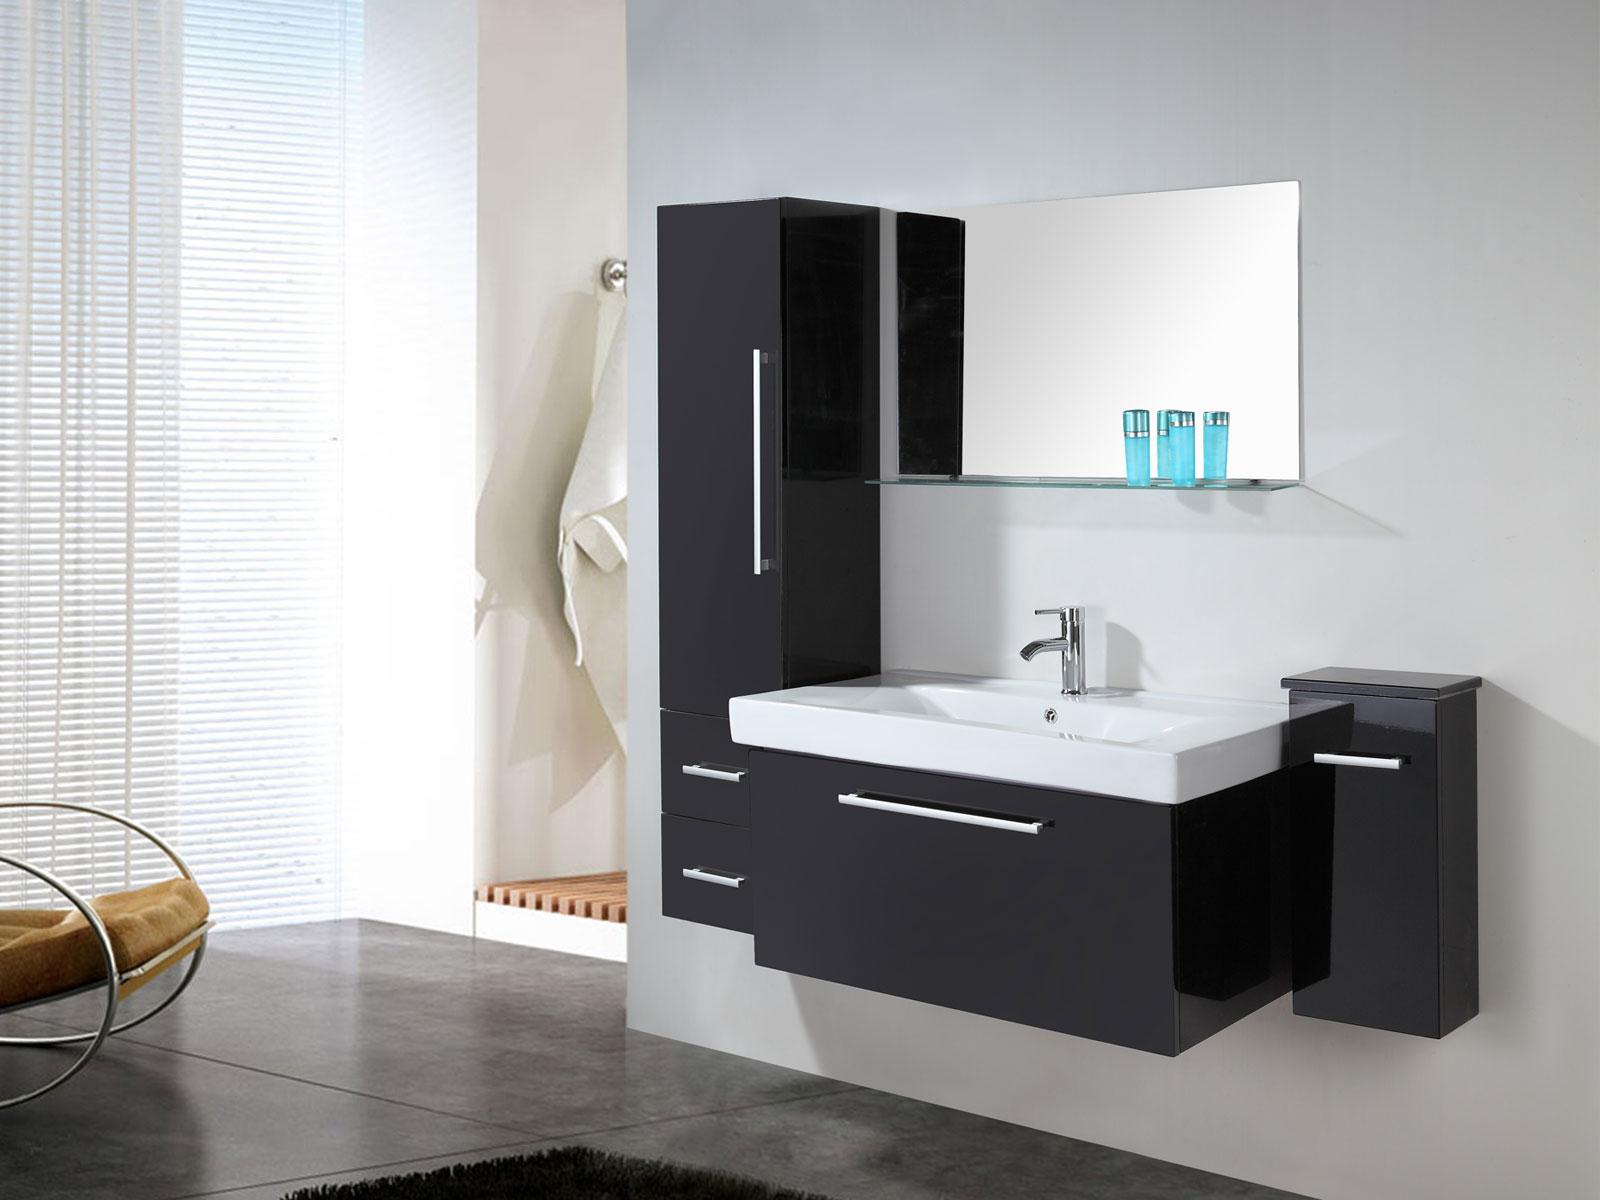 London meuble salle de bain 100 cm lavabo et colonne compris for Mobili bagno foto